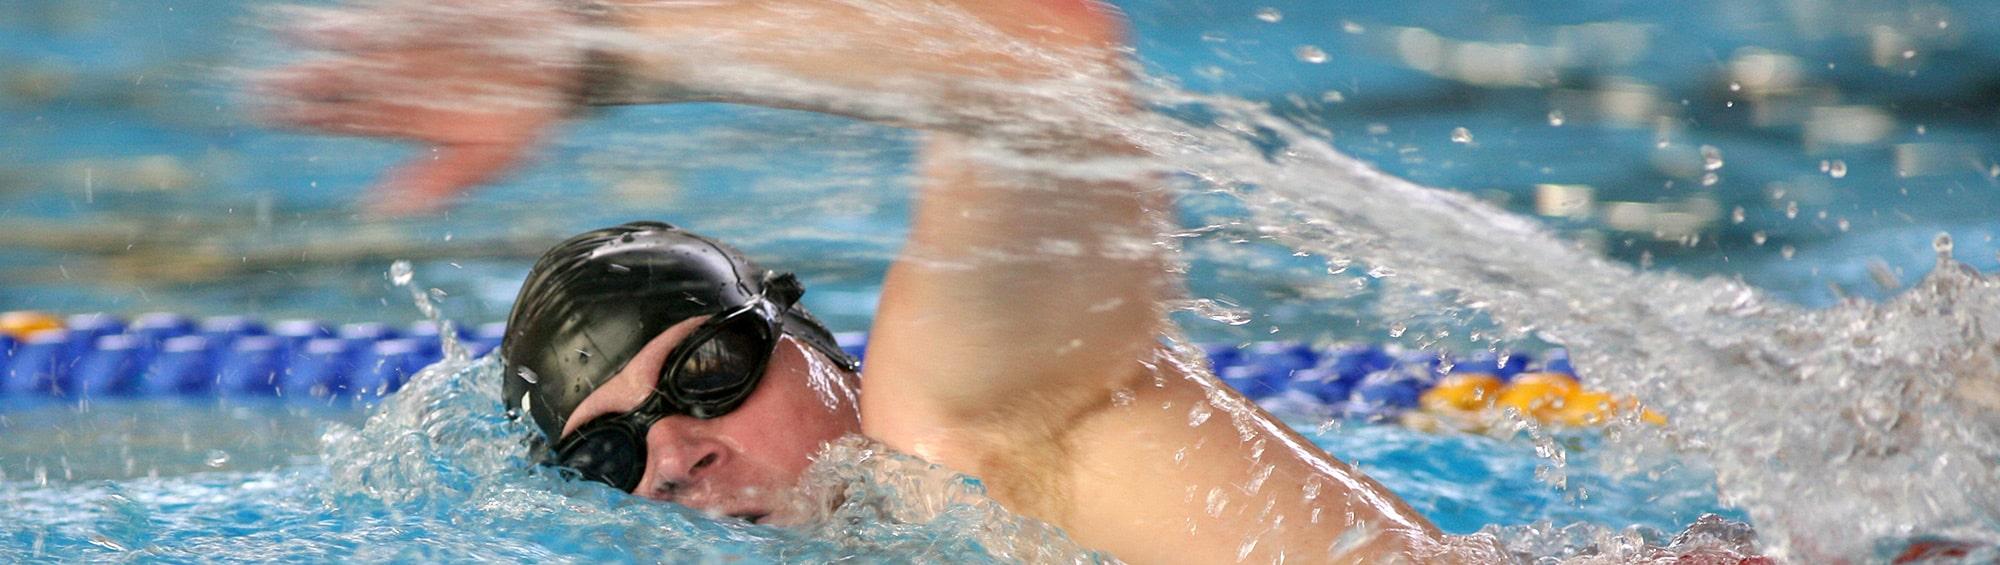 Erwachsener schwimmen roku